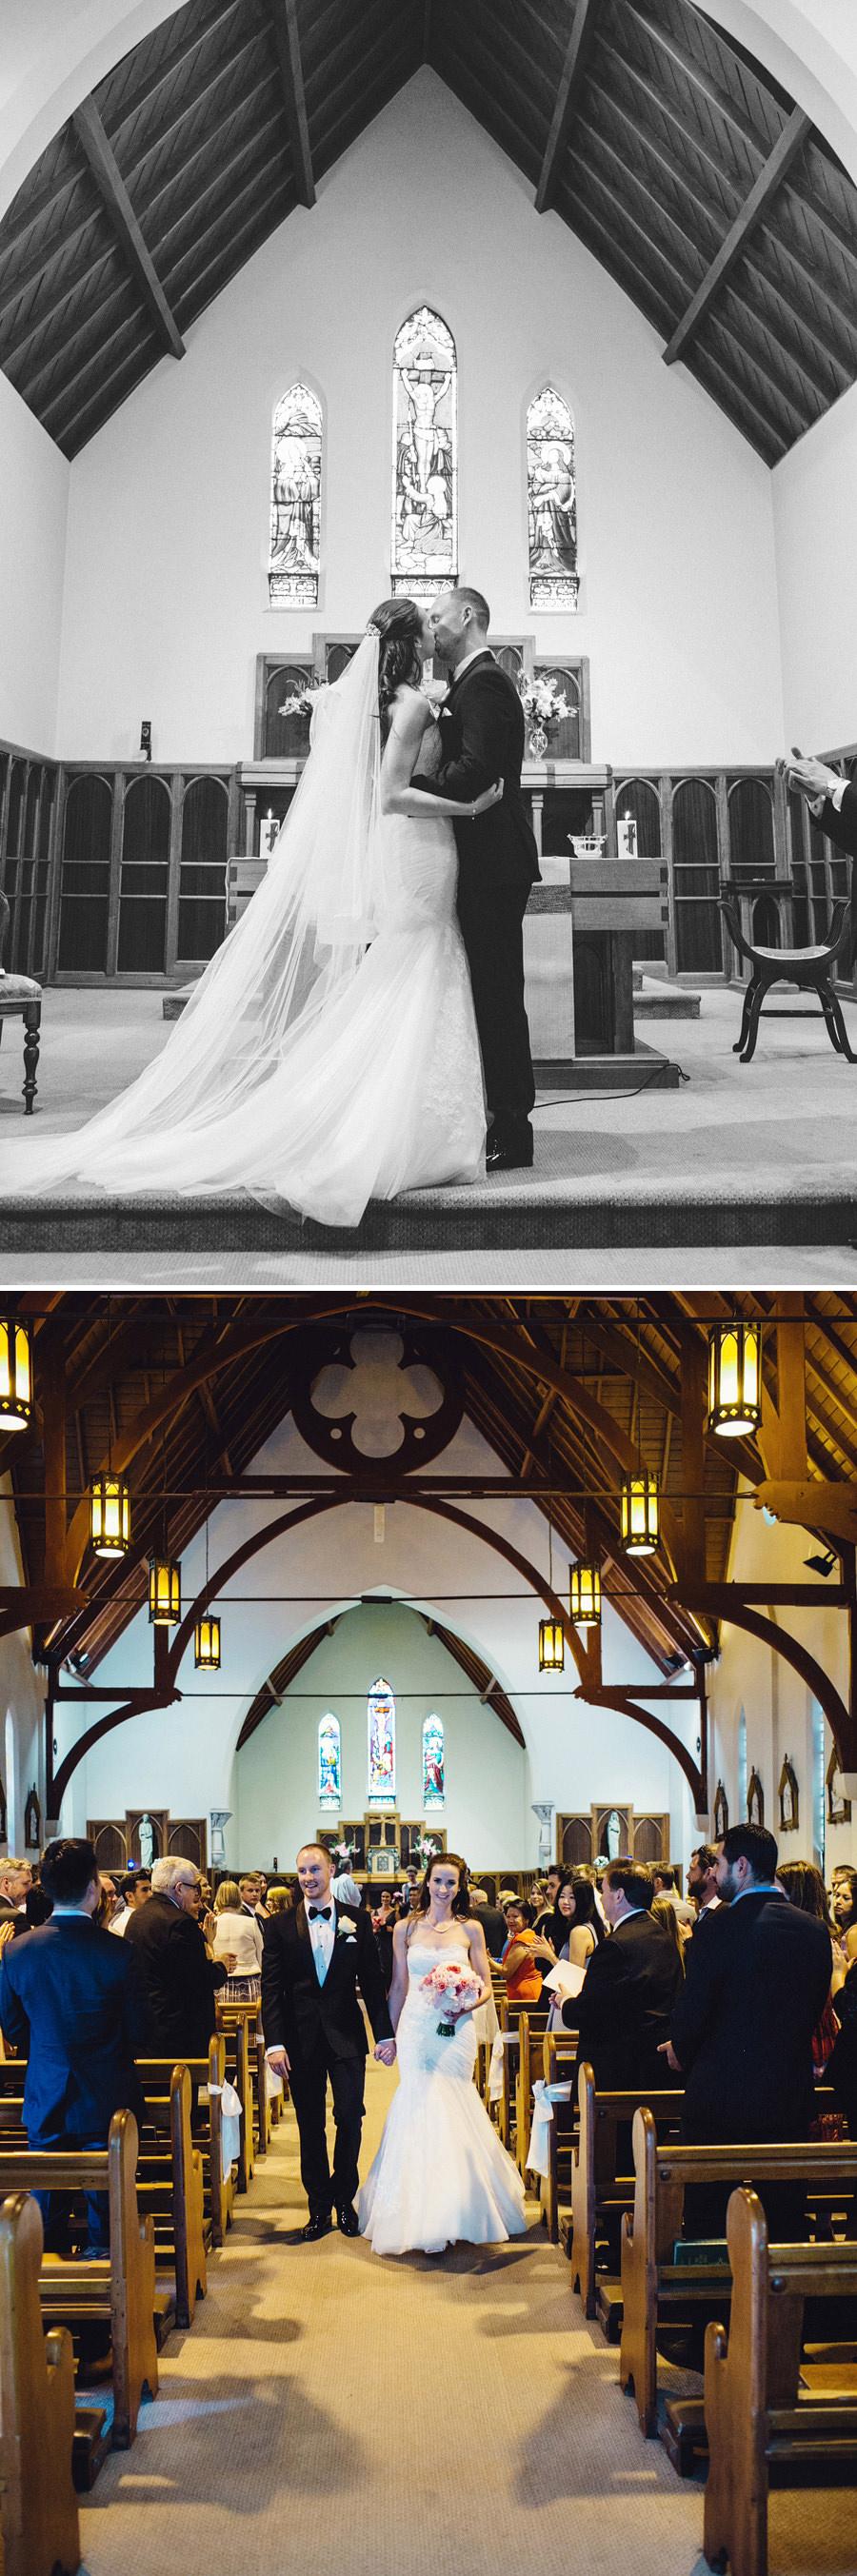 Documentary Wedding Photographer: Ceremony